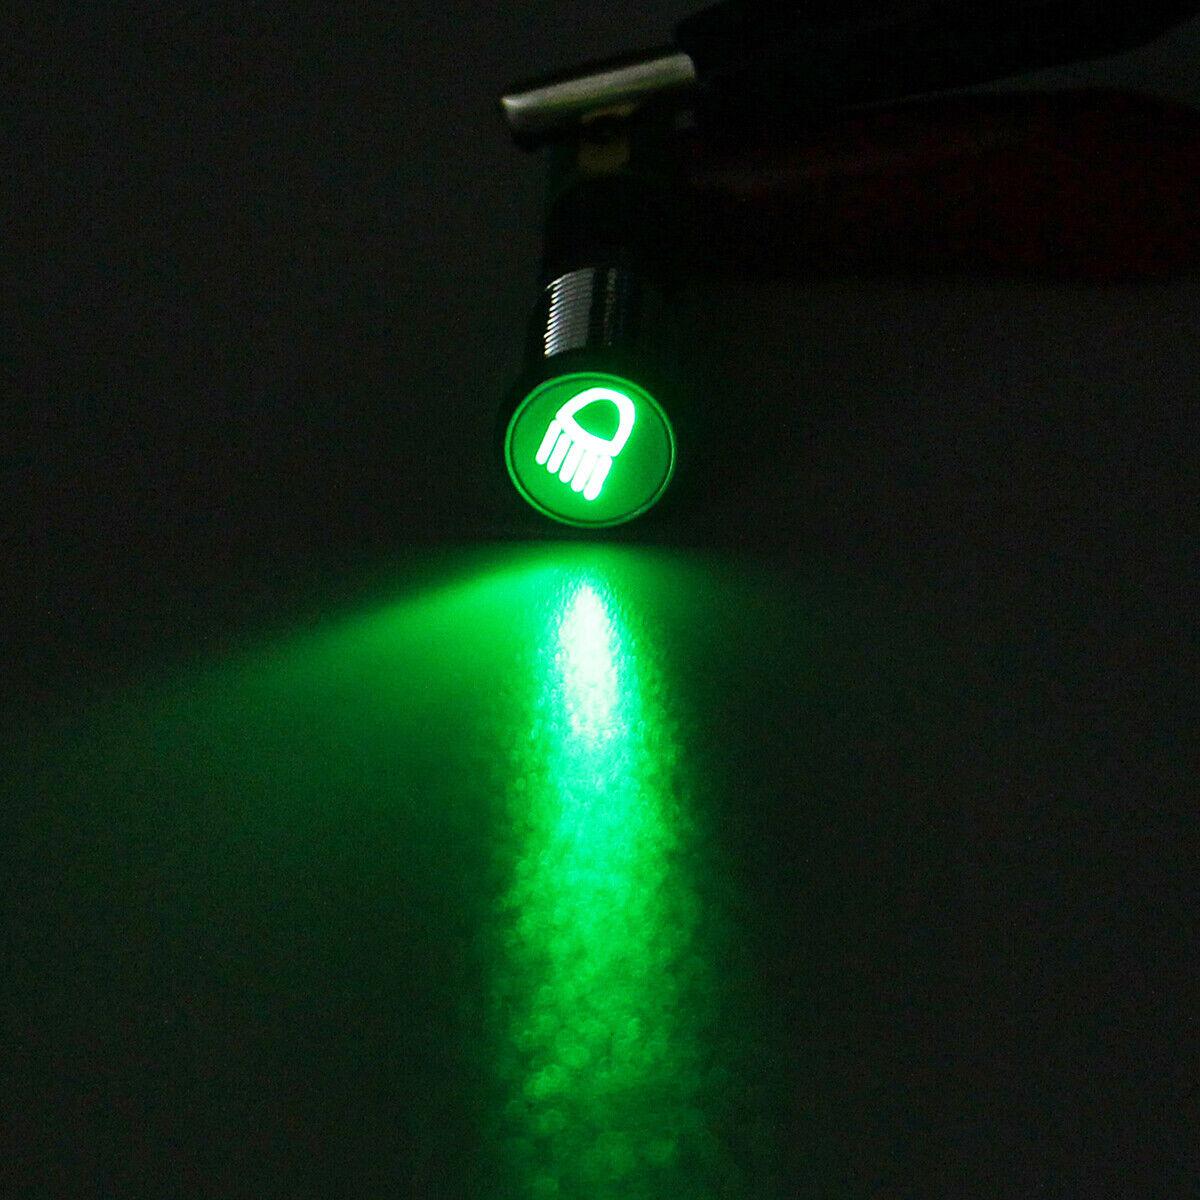 12V Green Illuminated Rectangular Warning Indicator Light Car Dash K453 ROBINSON